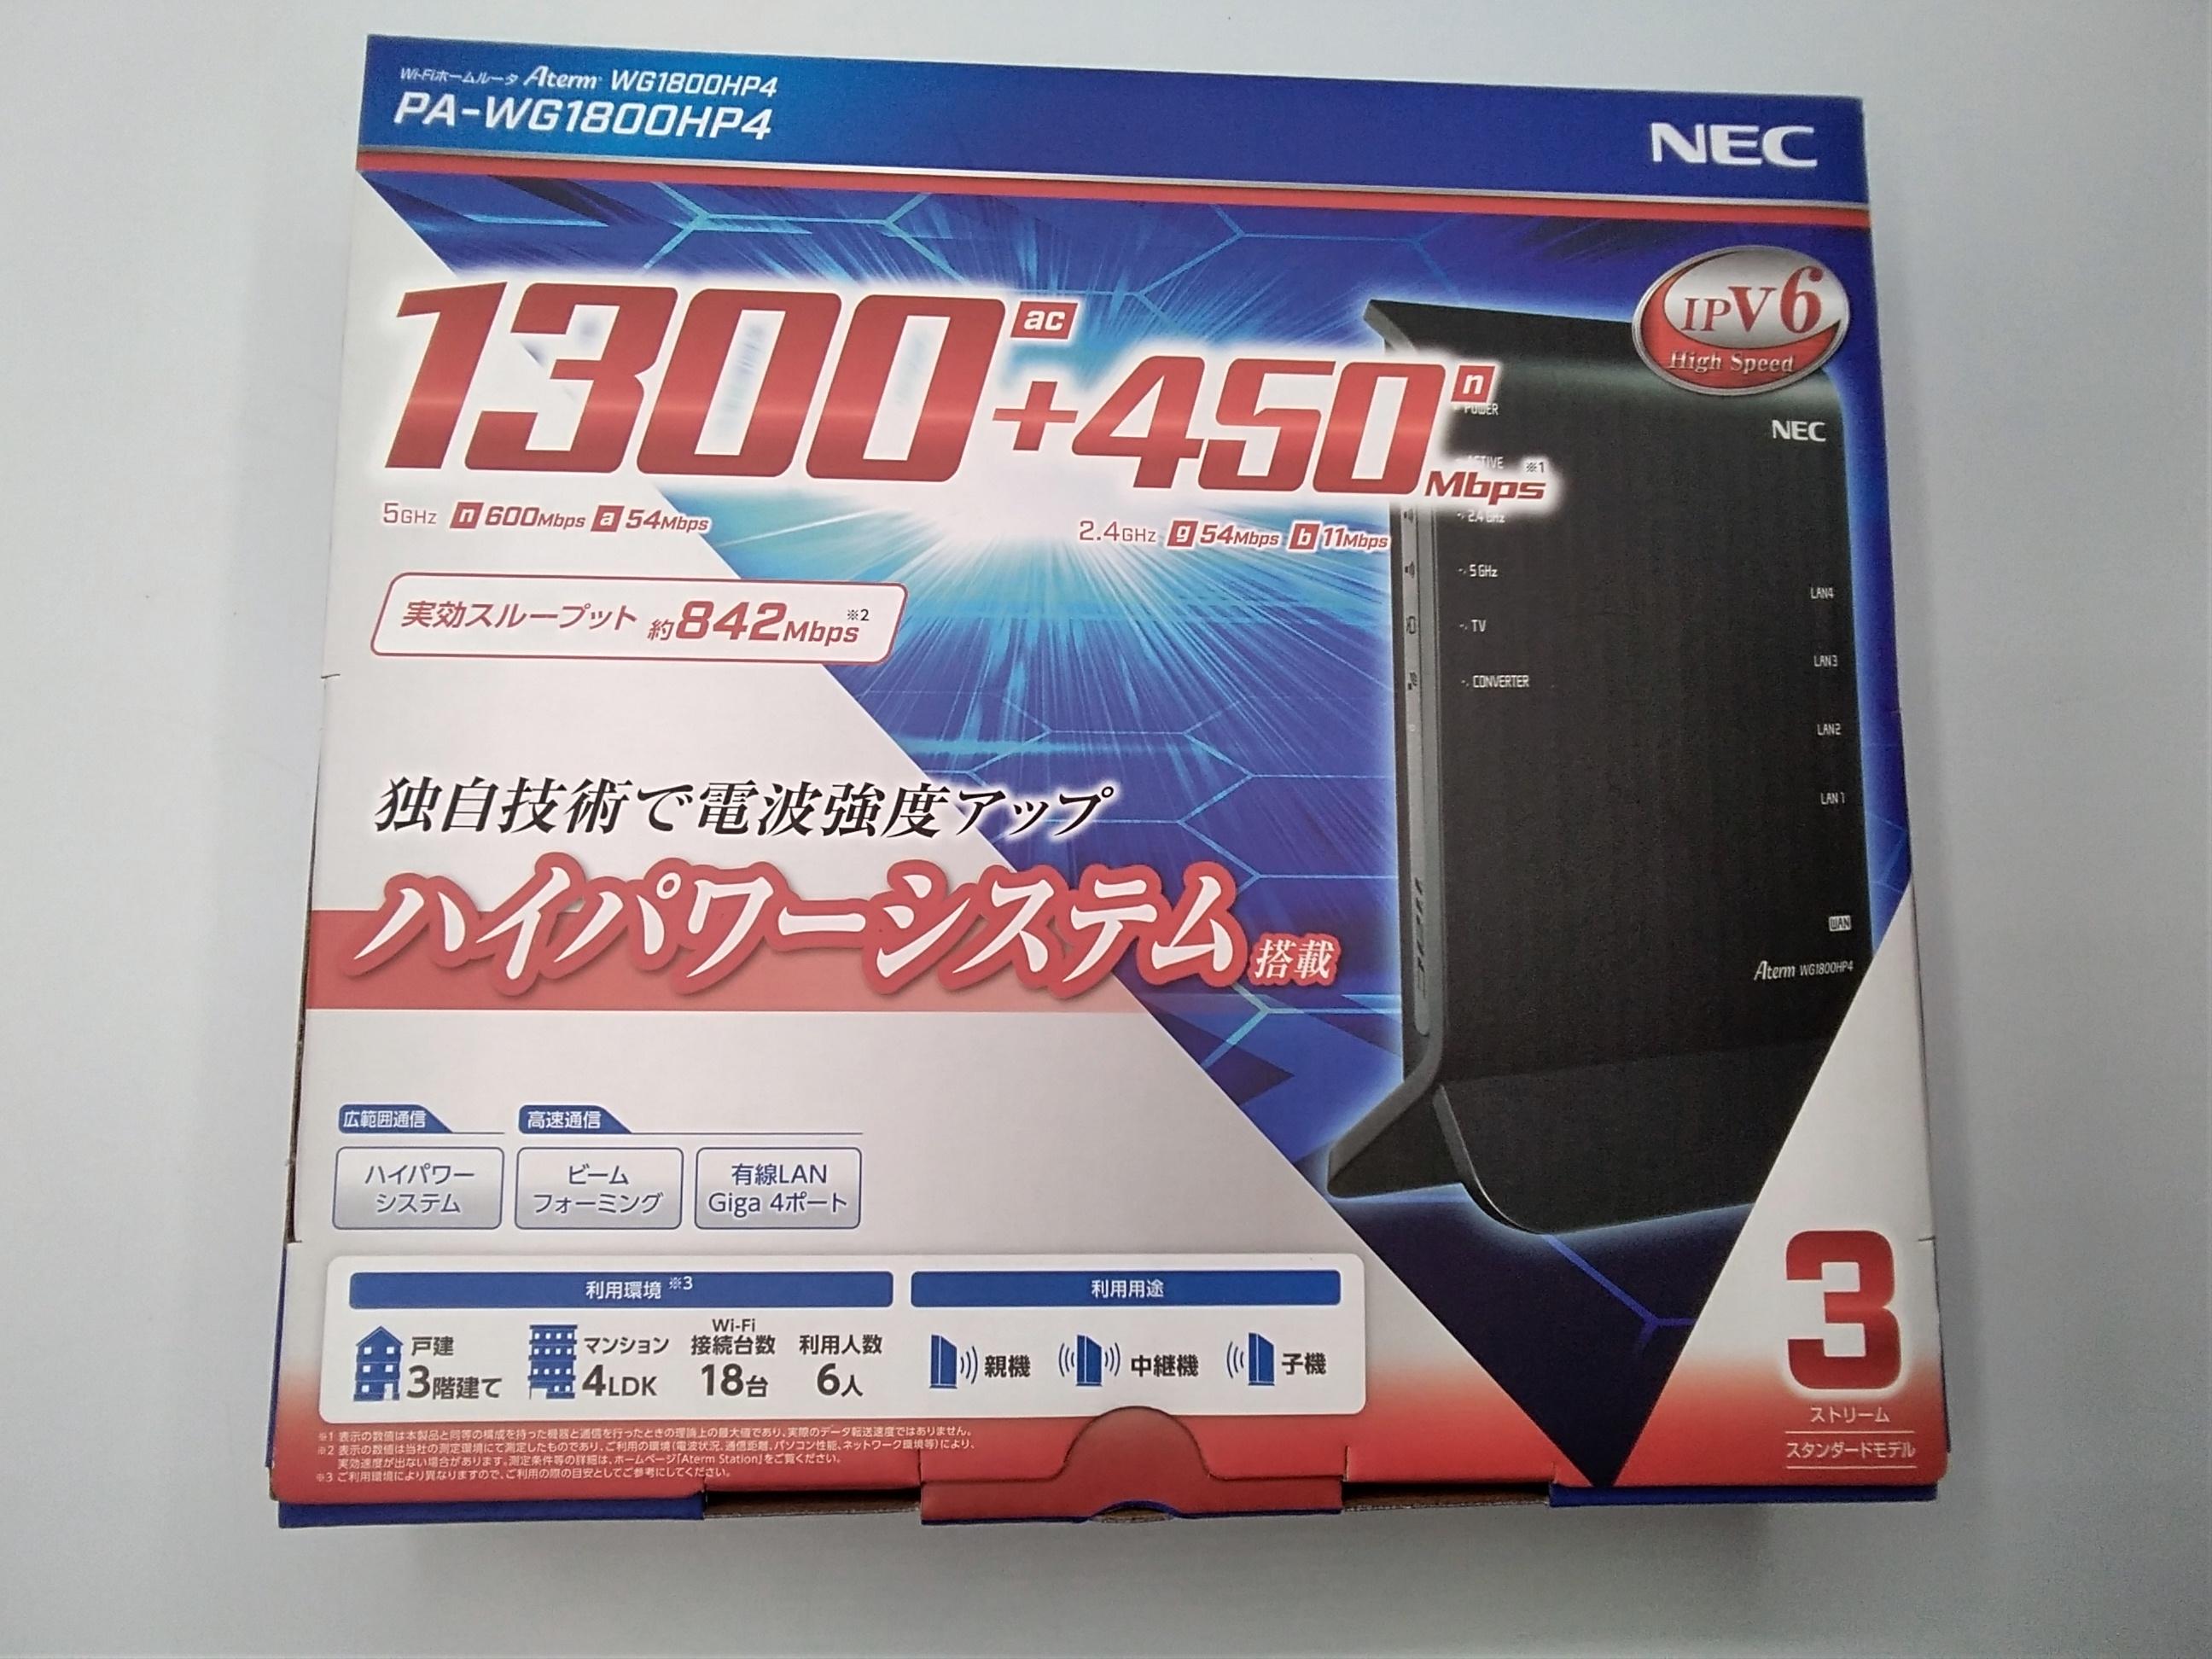 ★未使用品★無線LANルーター|NEC